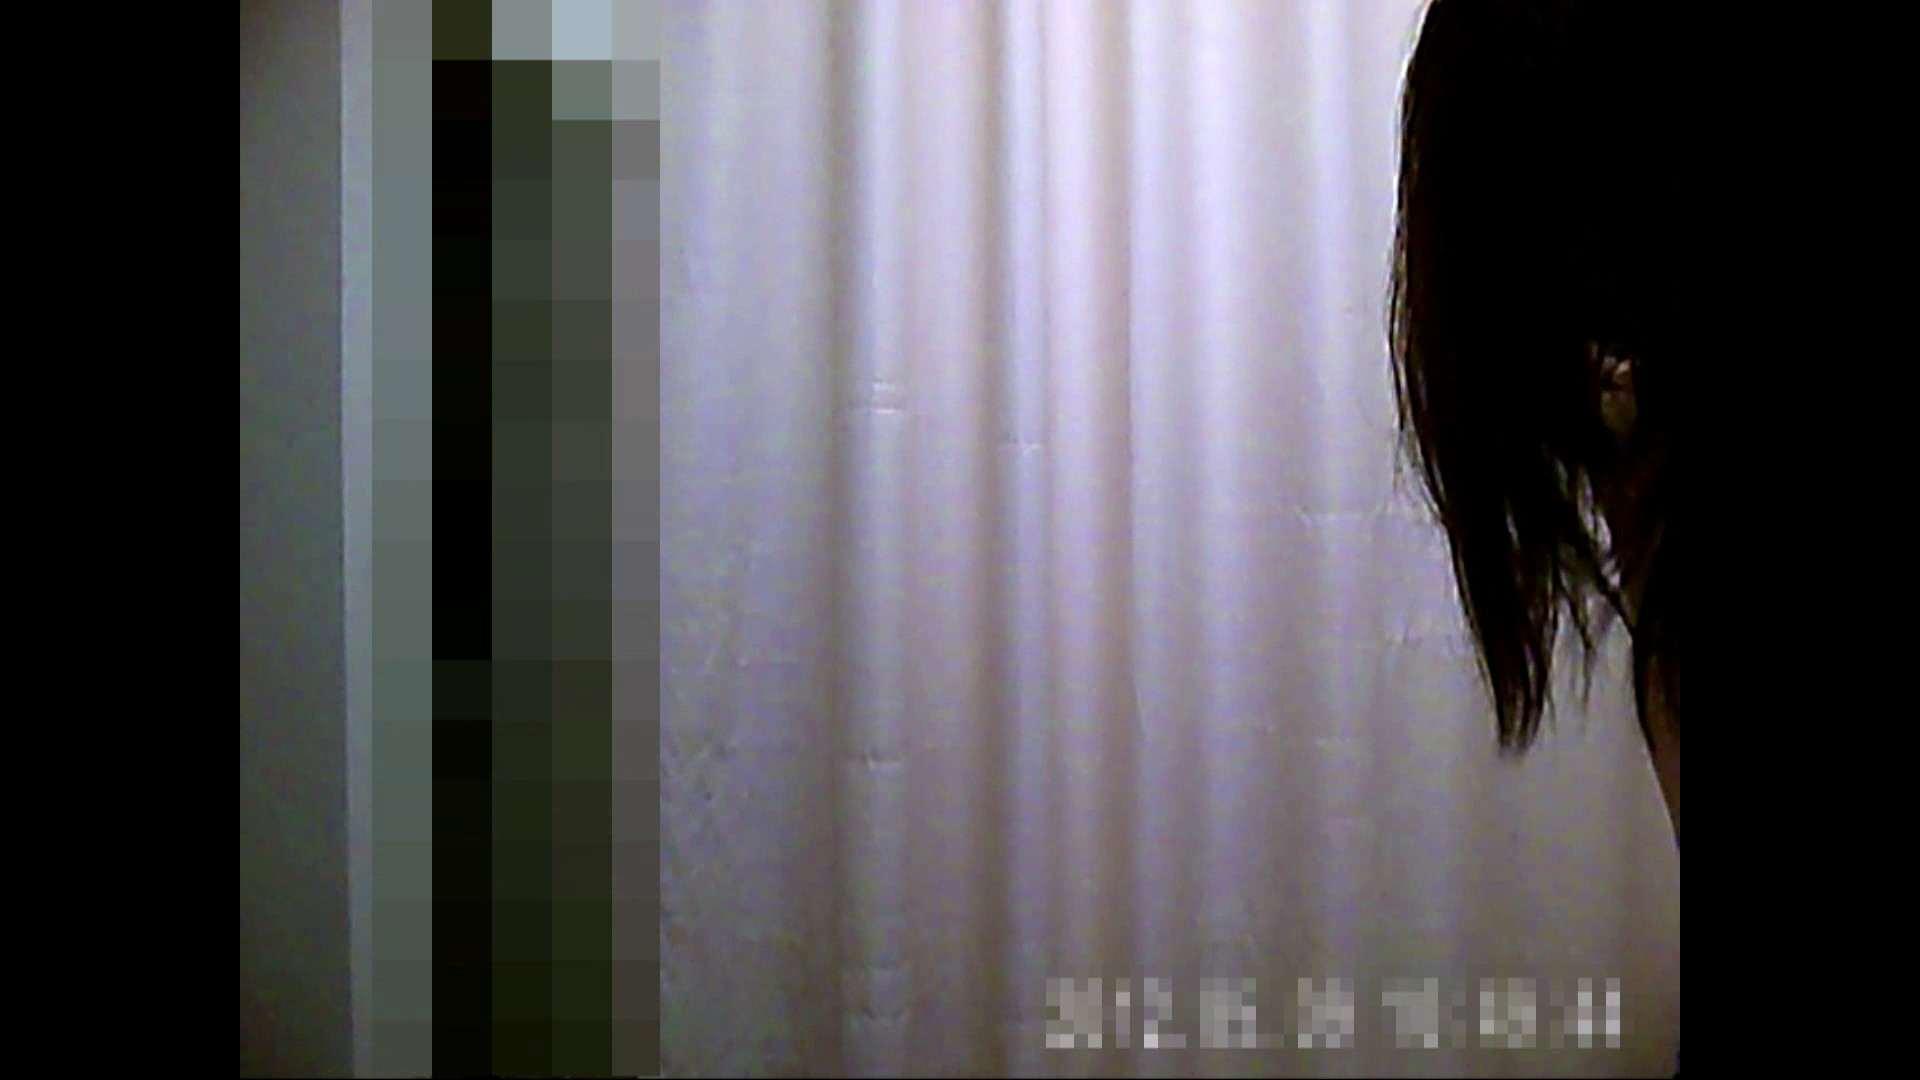 元医者による反抗 更衣室地獄絵巻 vol.267 OLハメ撮り  81Pix 68